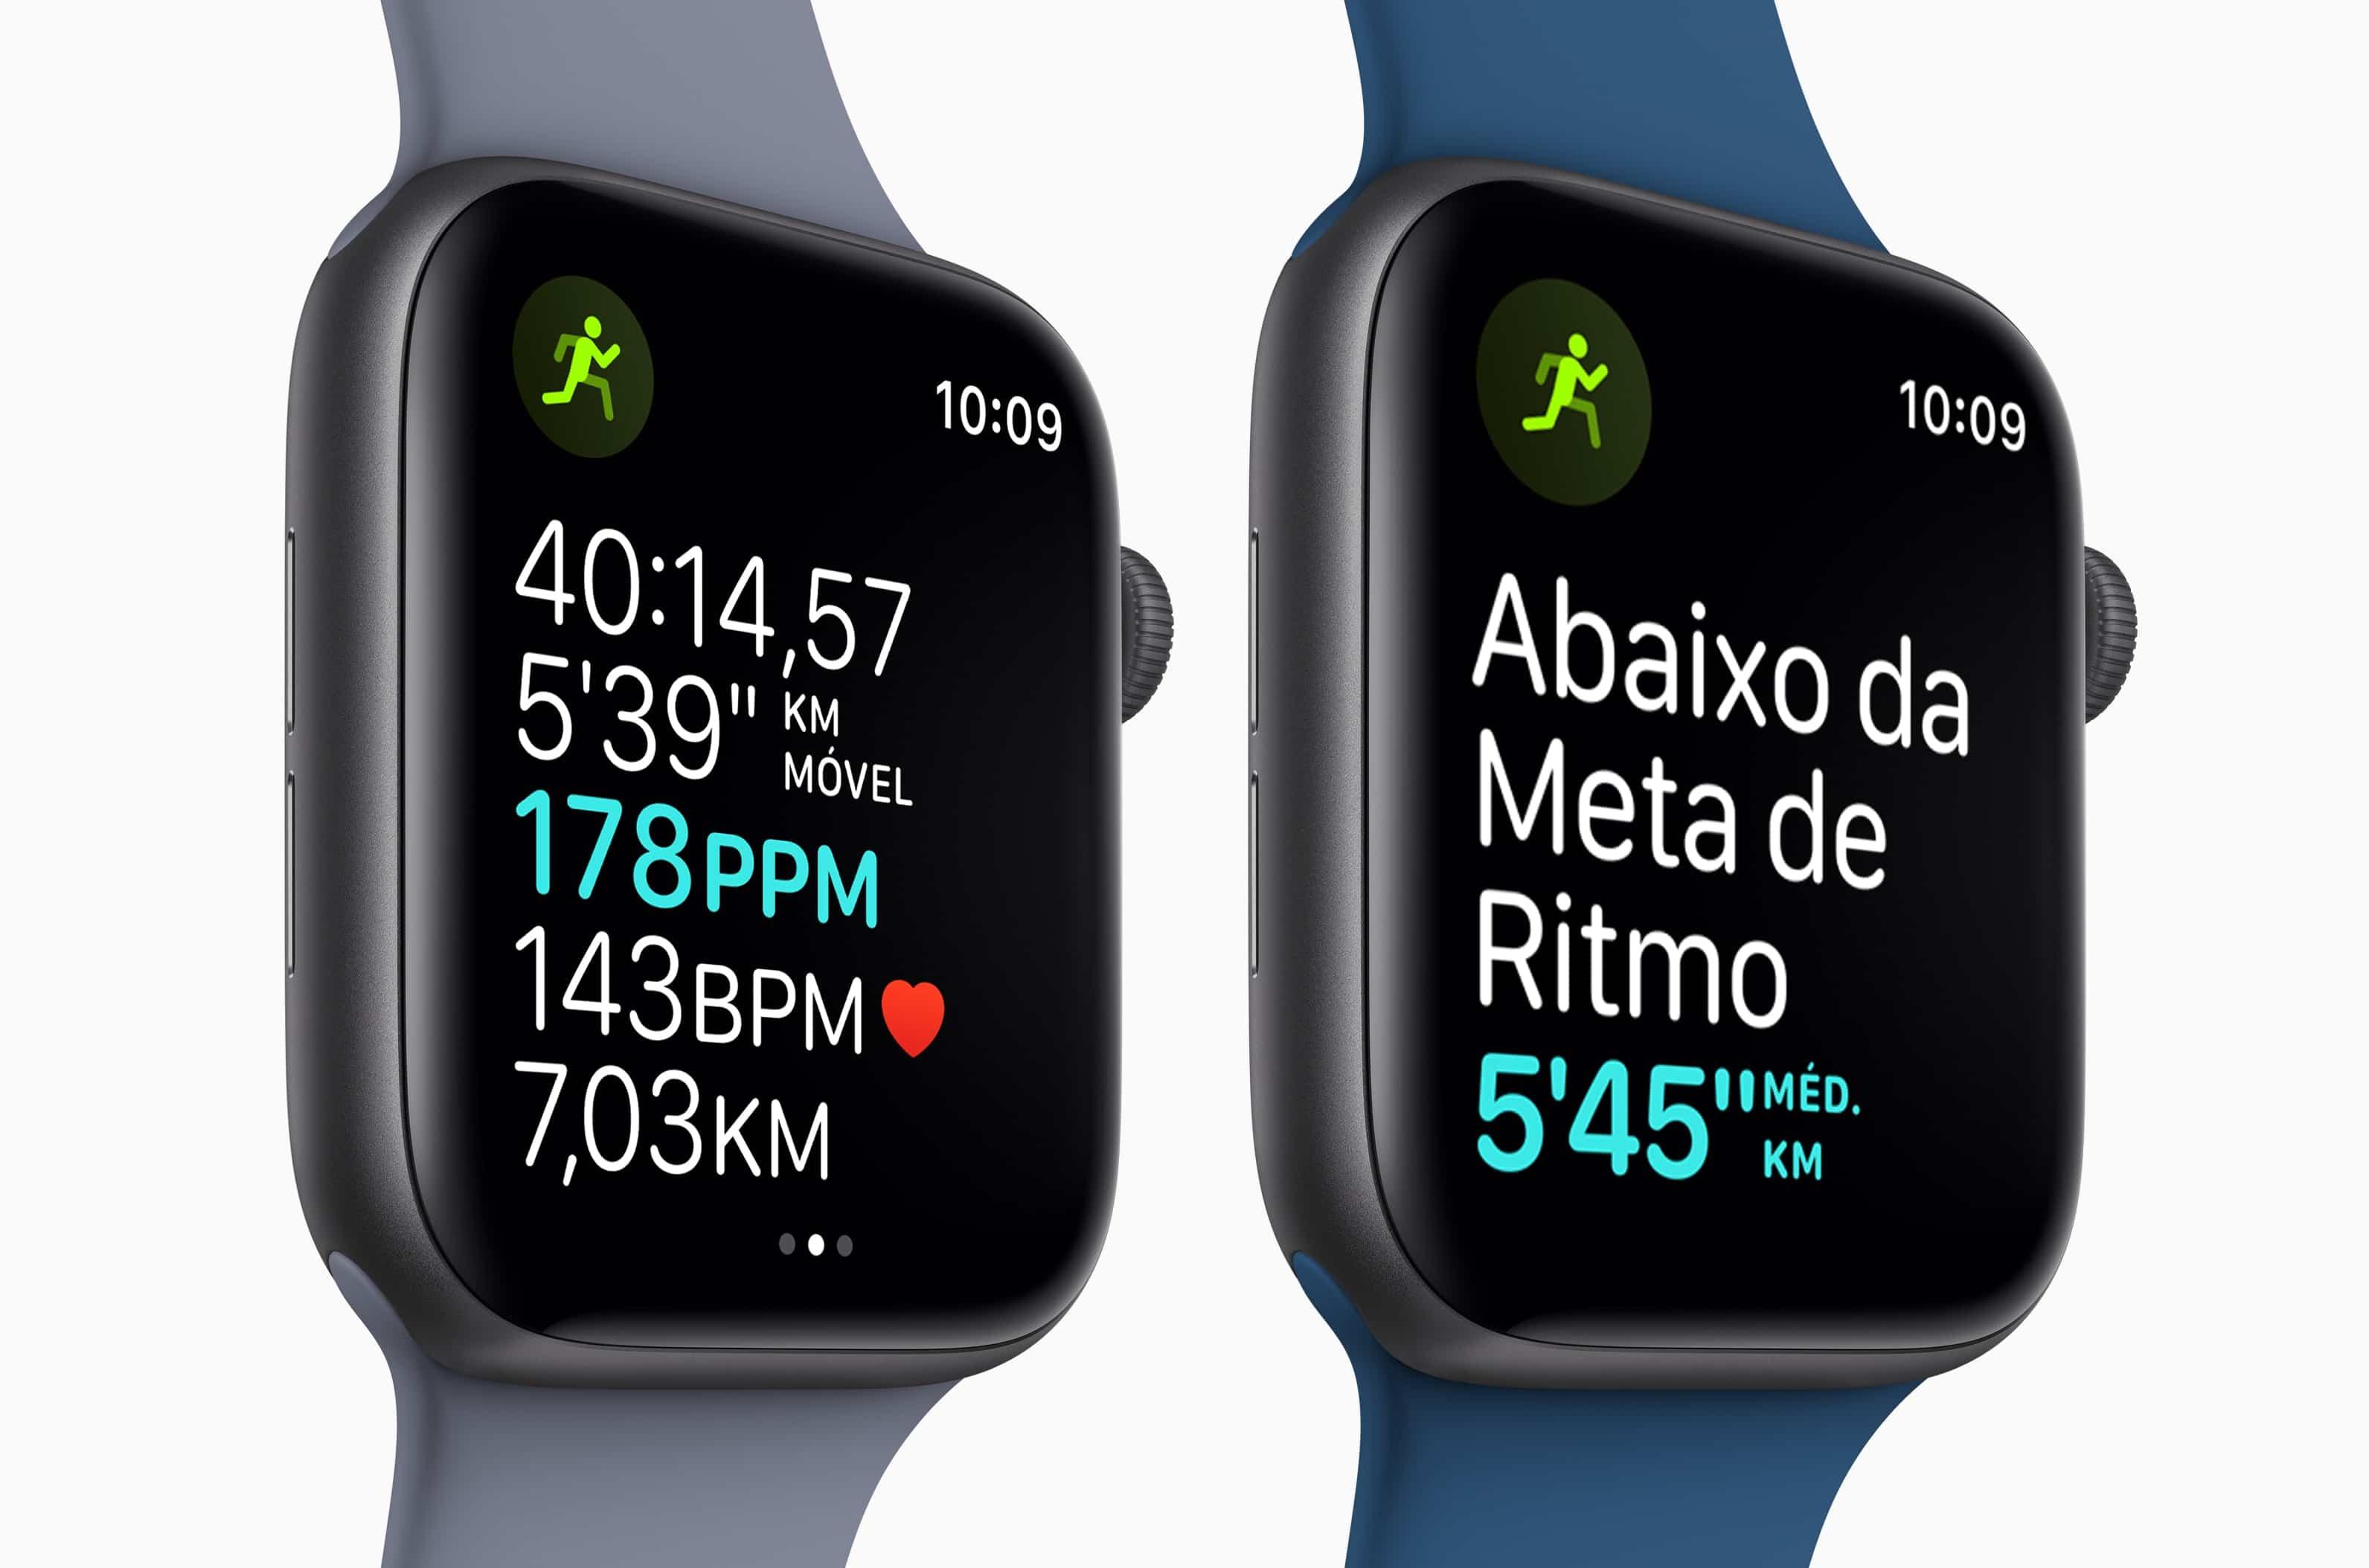 App Exercício no Apple Watch Series 4